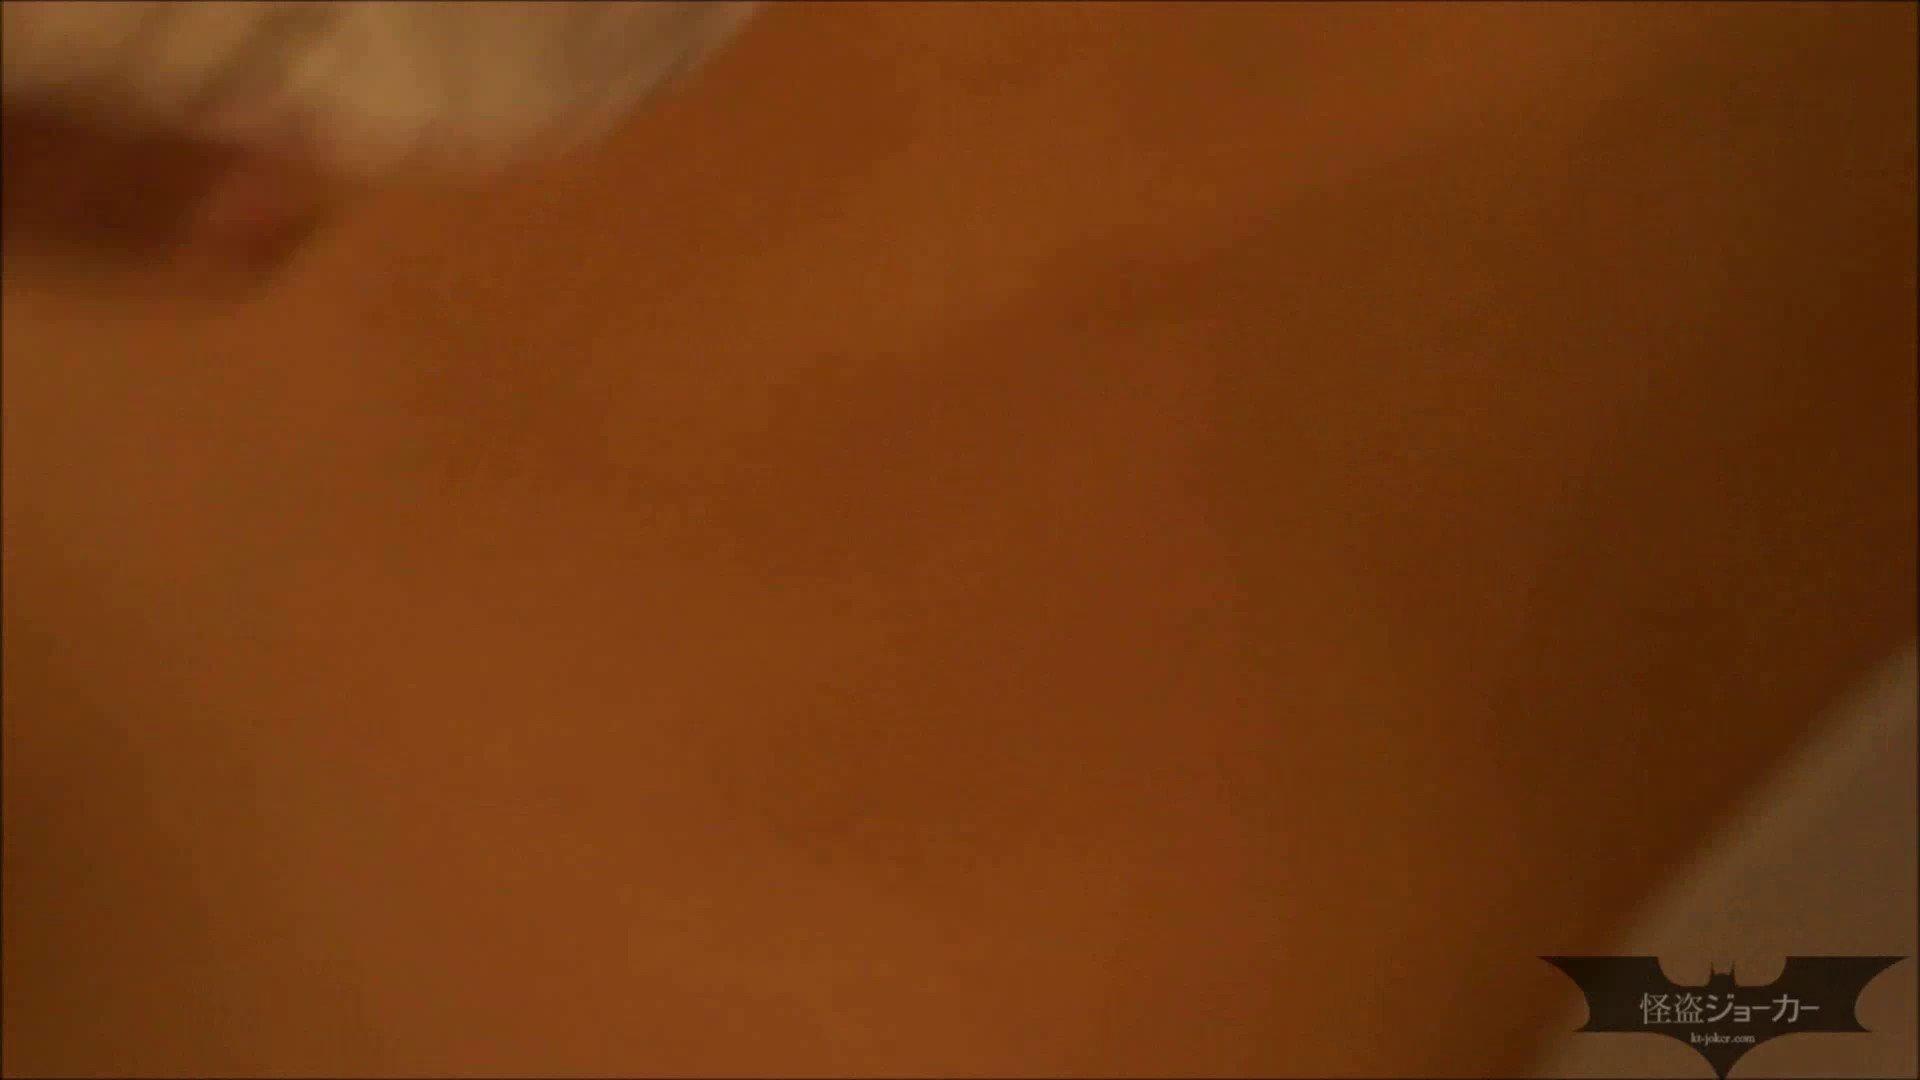 【未公開】vol.20 セレブ美魔女・カリソメの笑顔。最後の交わり...生中出し OL  96pic 9